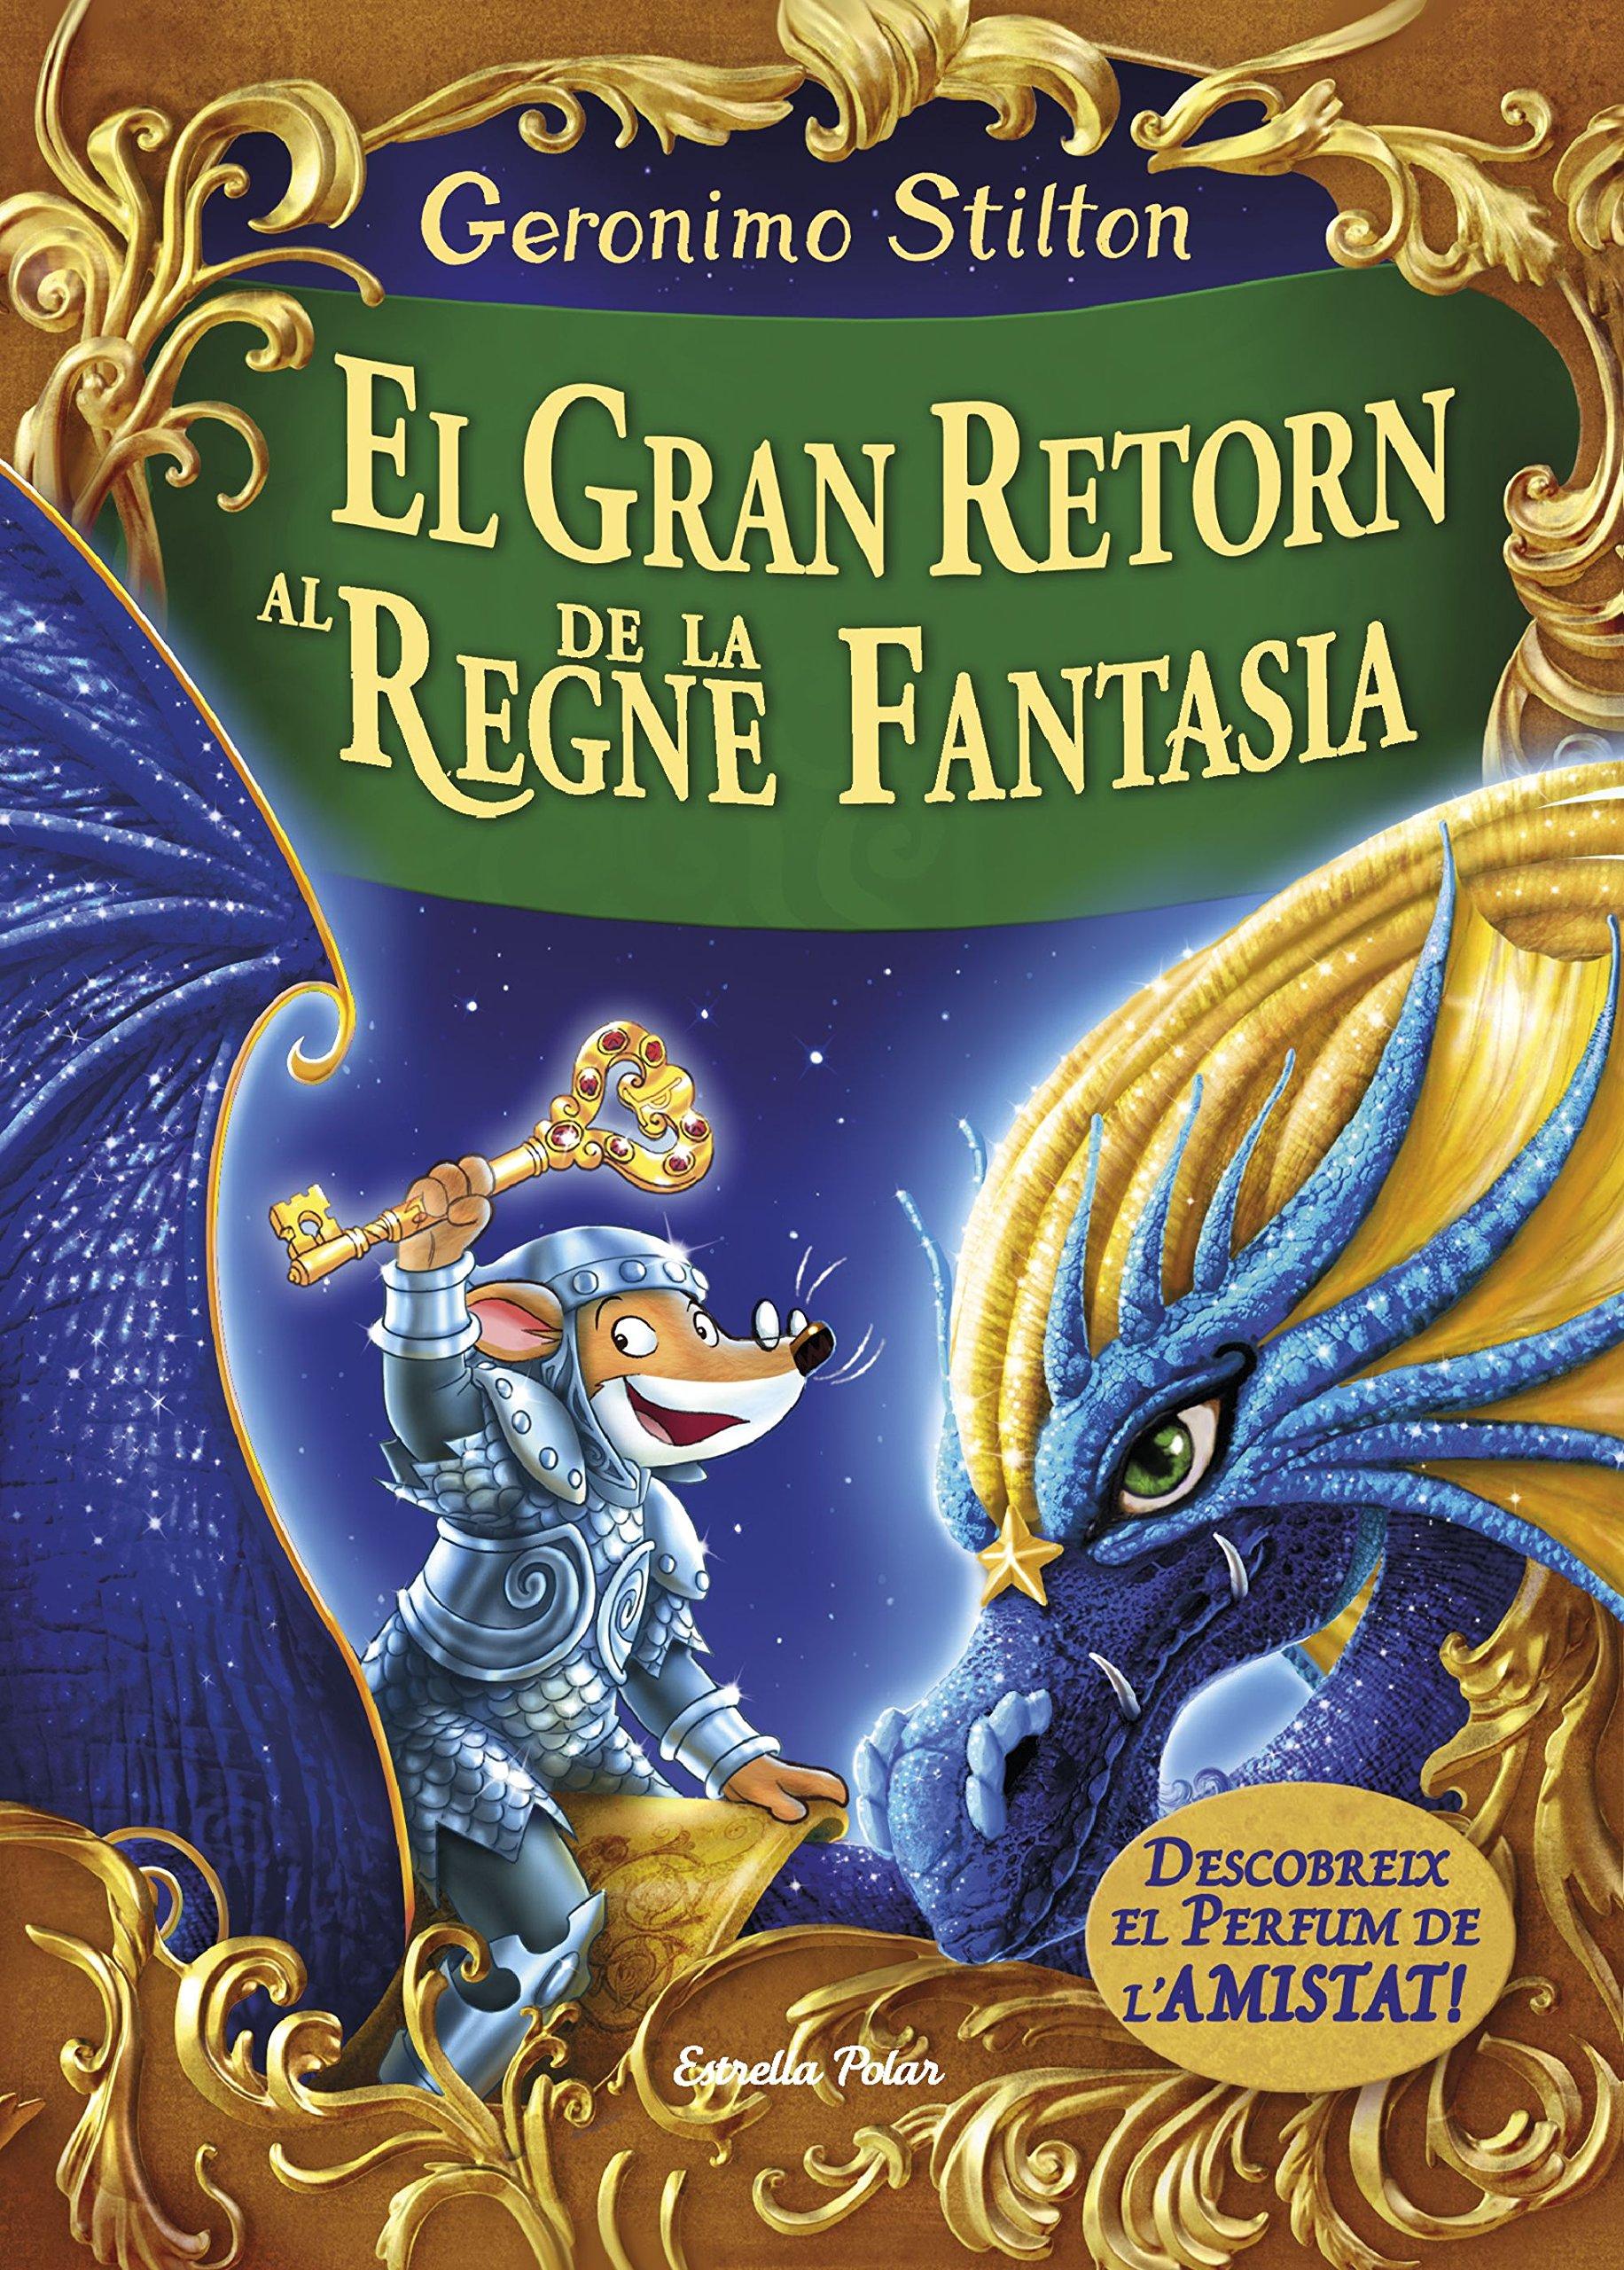 El gran retorn al Regne de la Fantasia: Descobreix el perfum de lamistad GERONIMO STILTON. REGNE DE LA FANTASIA: Amazon.es: Geronimo Stilton, David Nel·lo: ...